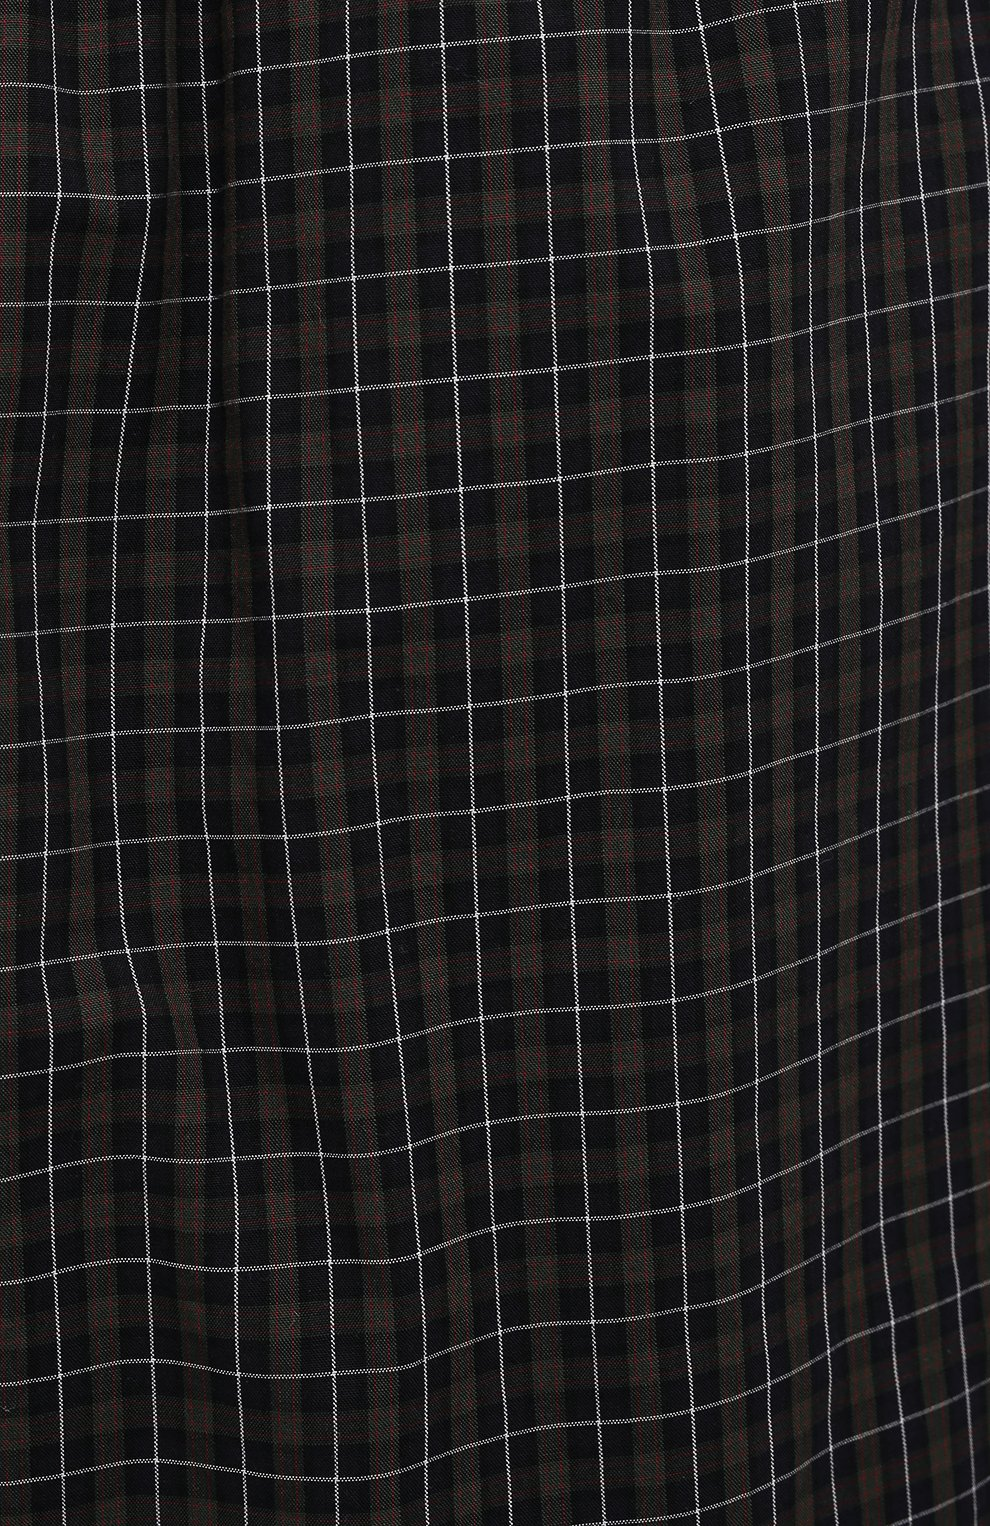 Мужские хлопковые шорты BALENCIAGA хаки цвета, арт. 658413/TKM34 | Фото 5 (Мужское Кросс-КТ: Шорты-одежда; Длина Шорты М: Ниже колена; Принт: С принтом; Материал внешний: Хлопок; Стили: Минимализм)